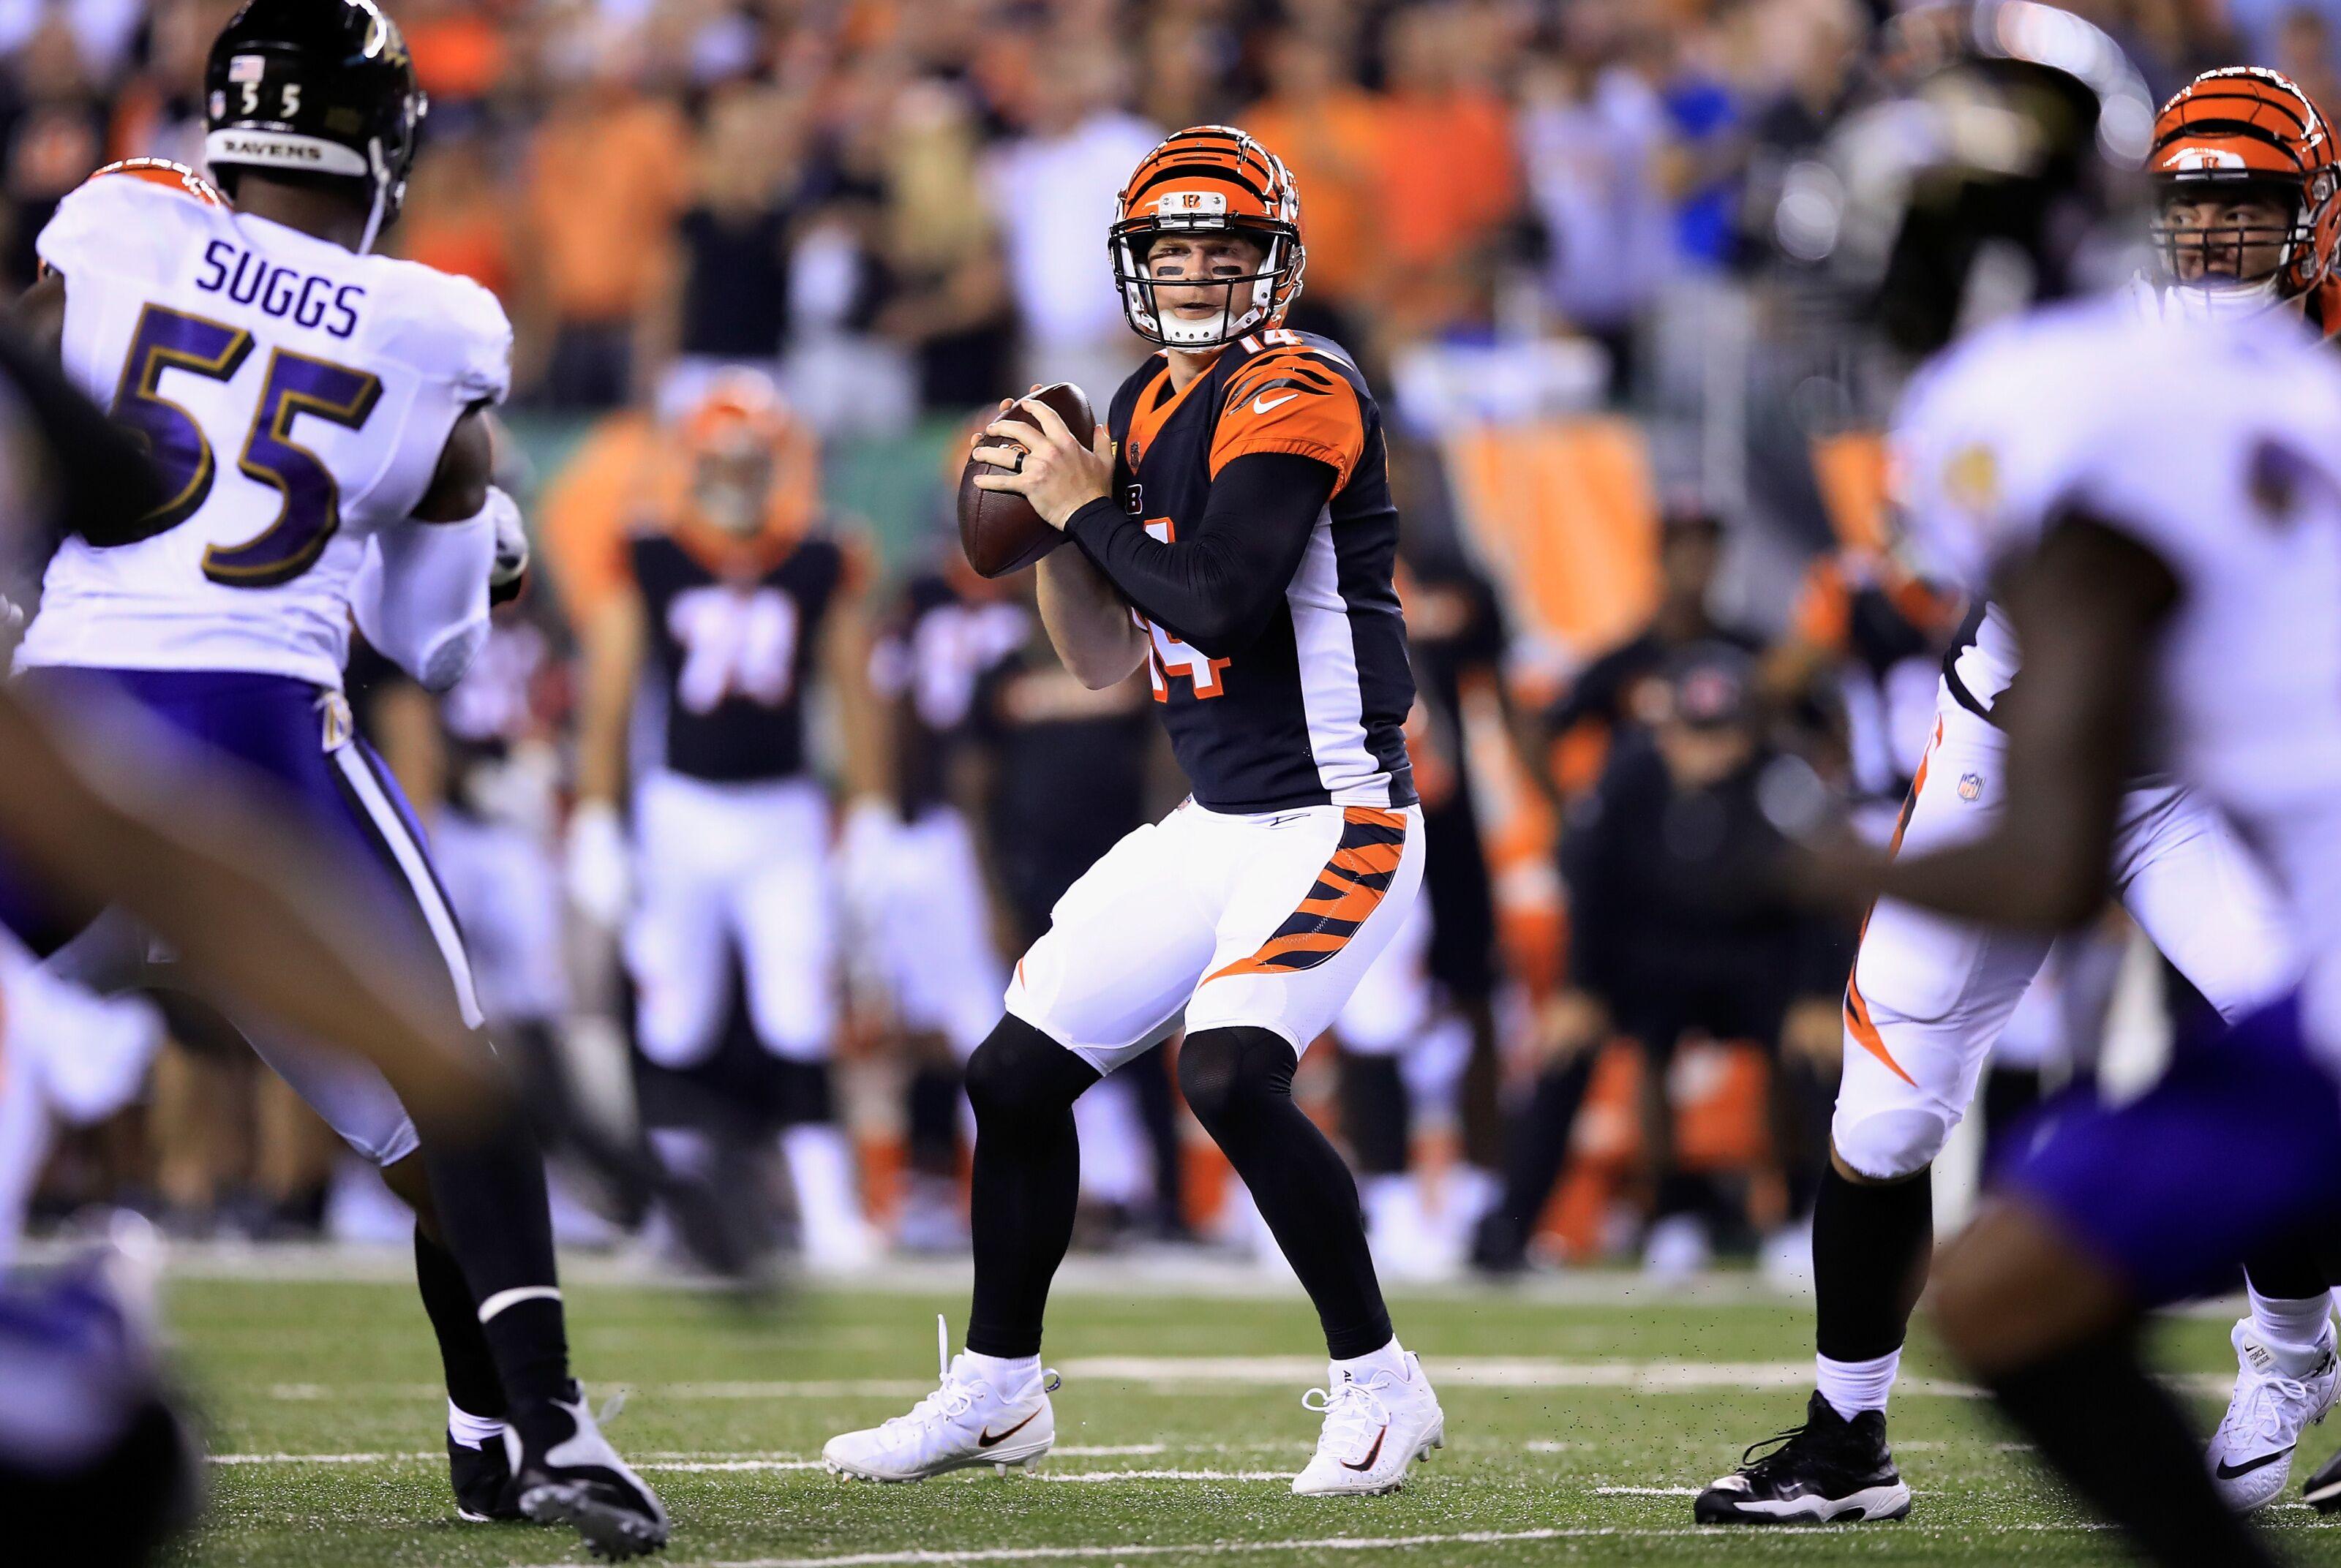 Cincinnati Bengals: Big takeaways from Week 2 vs. Ravens